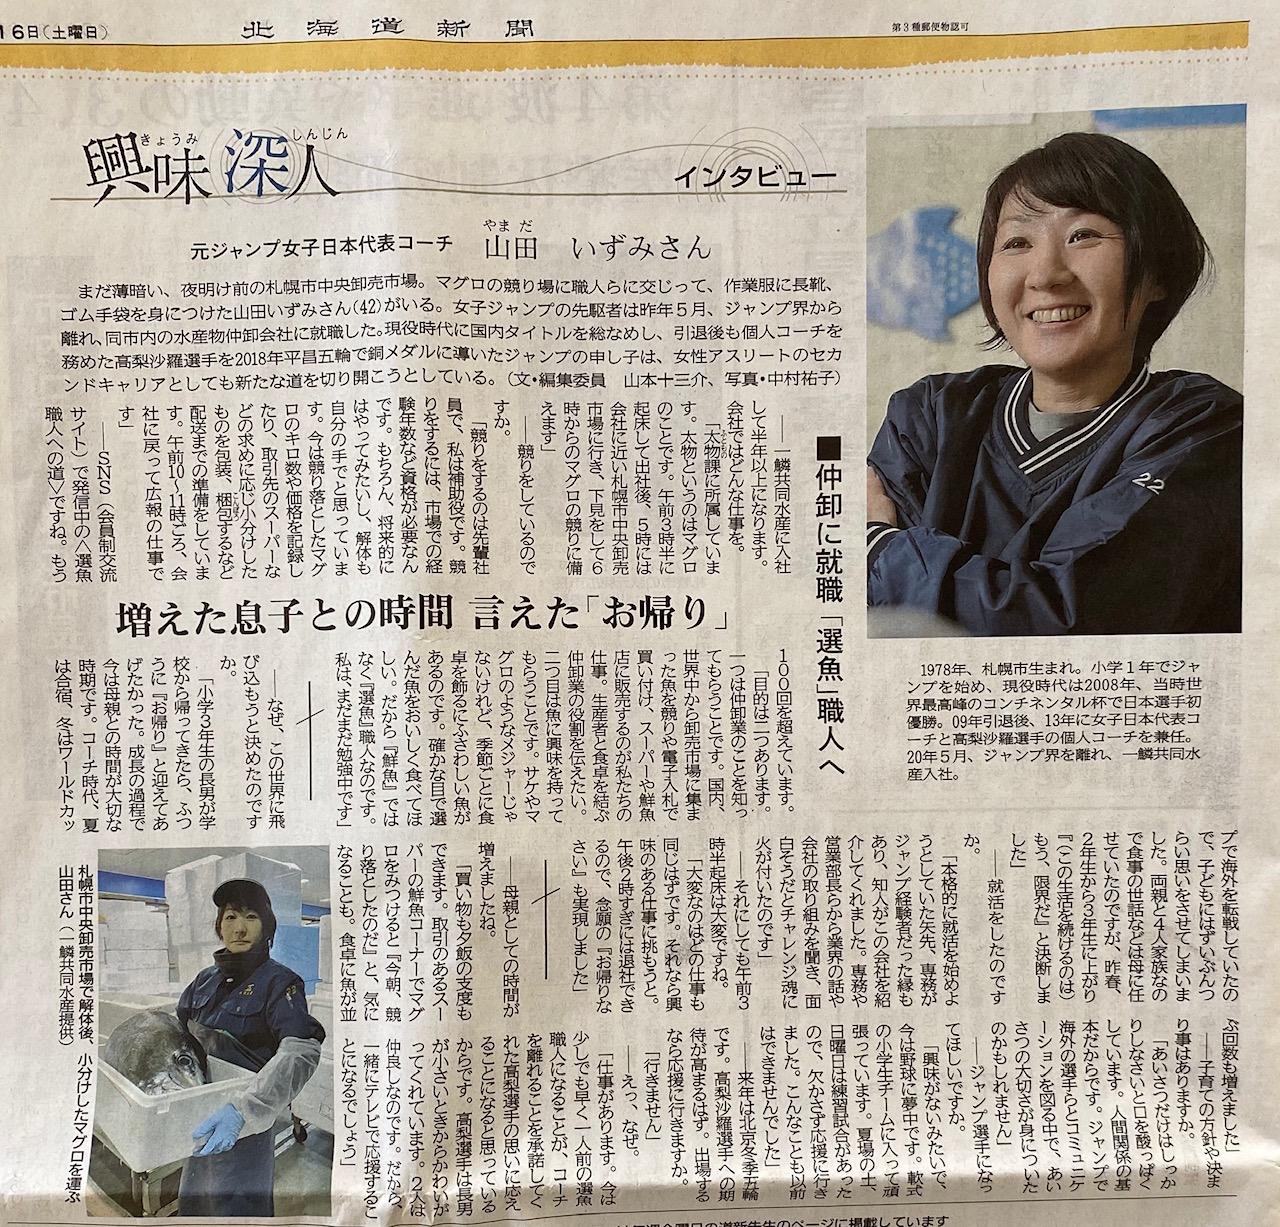 北海道新聞 興味深人に掲載されました